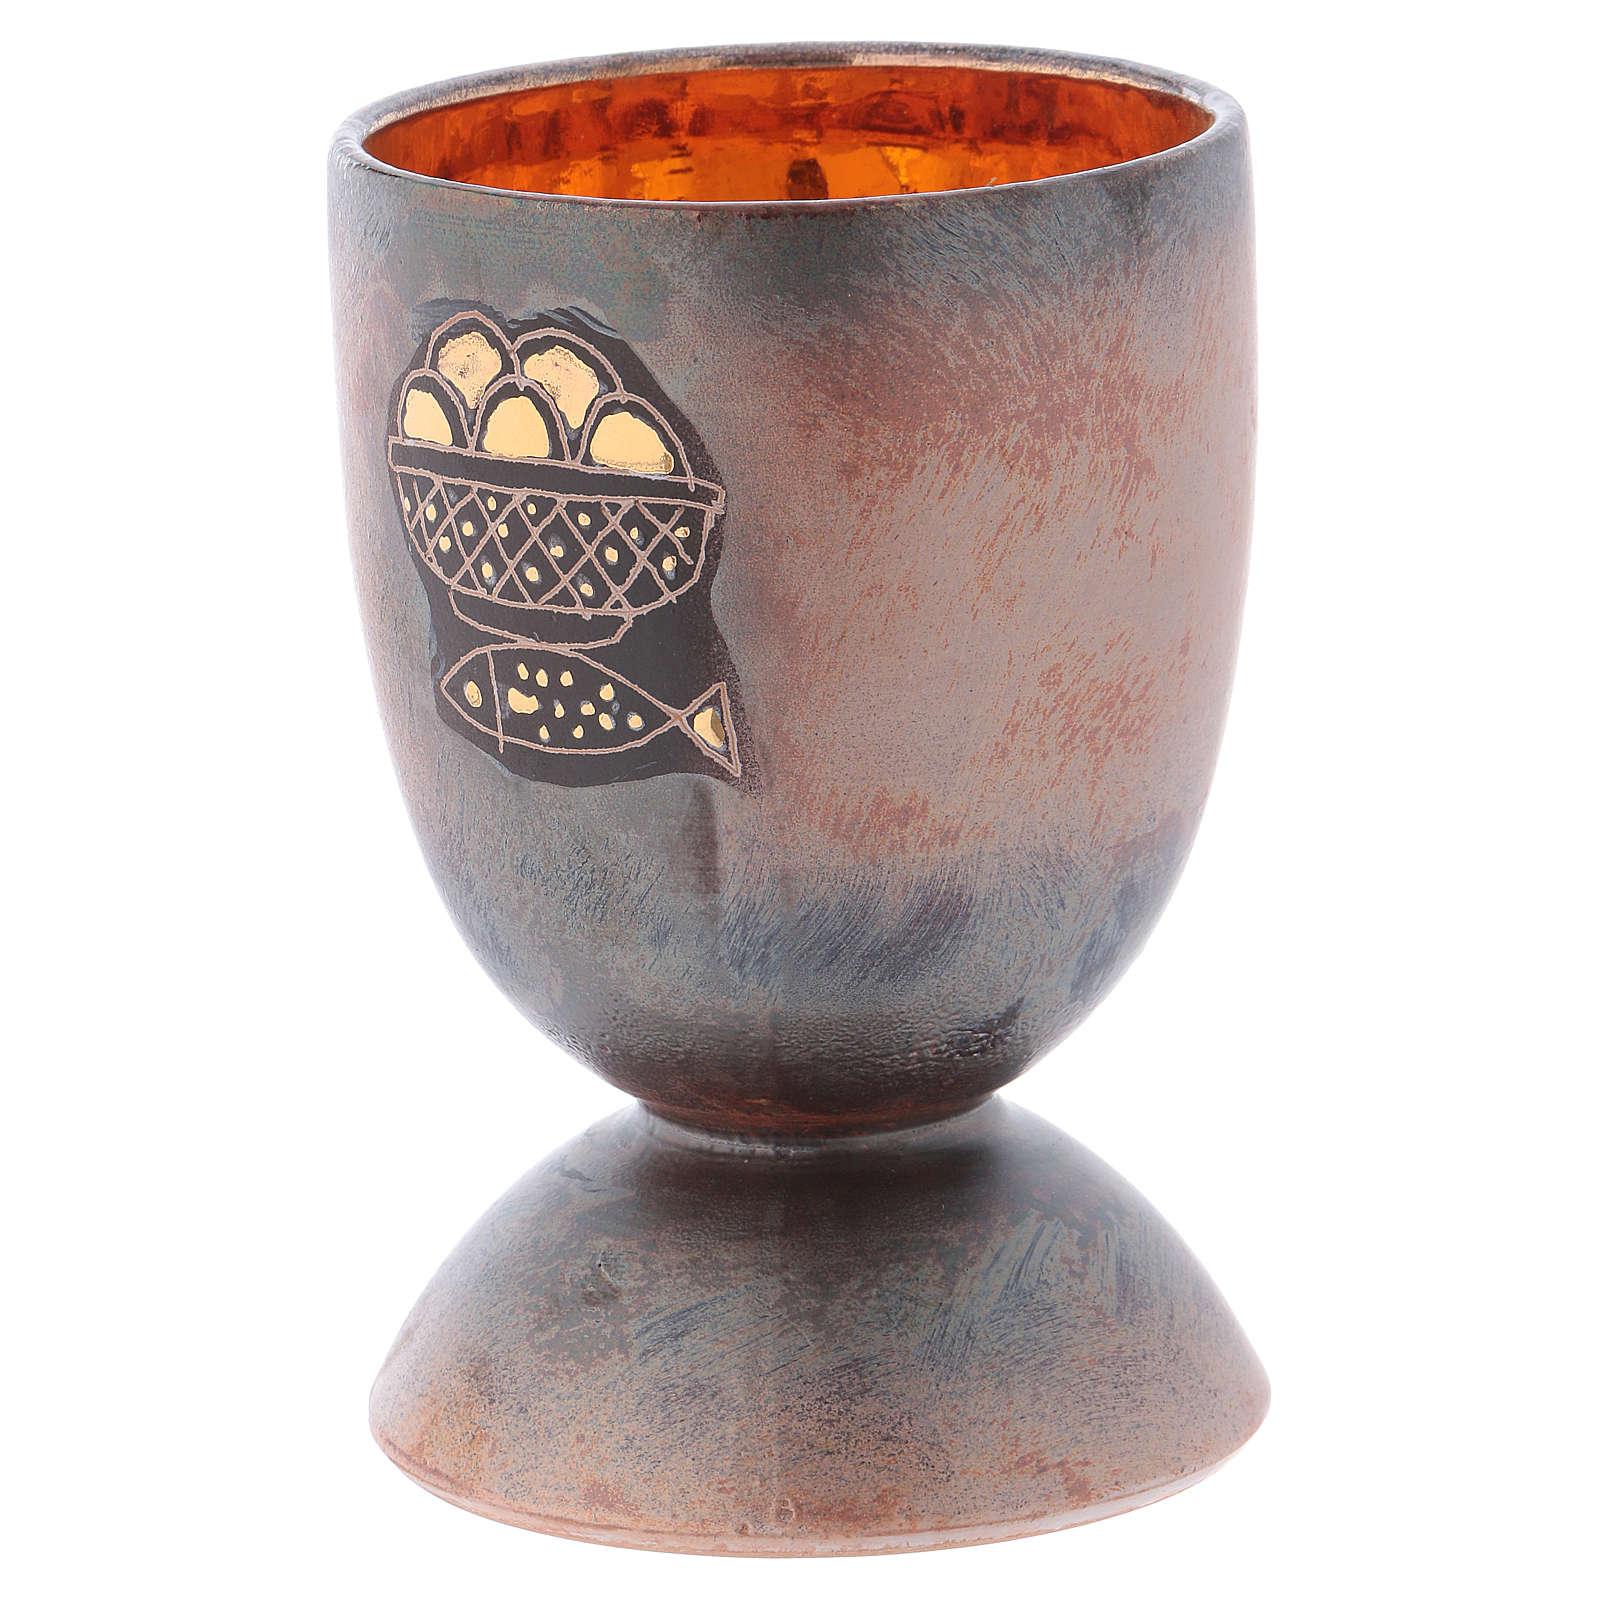 Kelch Fisch und Brot Keramik mit Gold 4